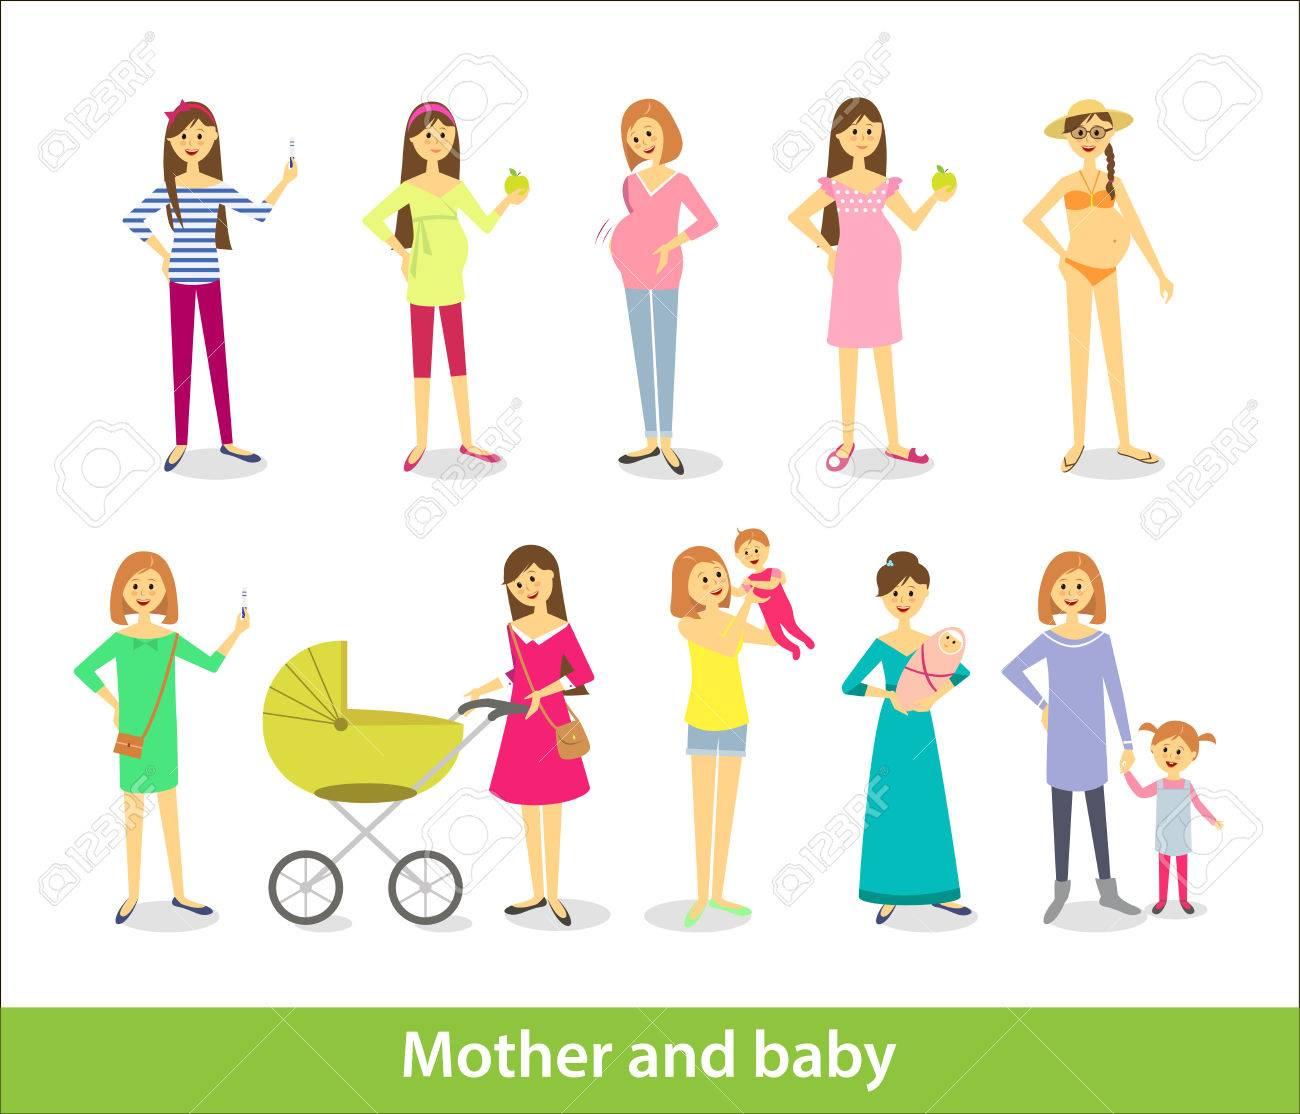 8dcb18a30 Foto de archivo - La mujer embarazada y la mujer con el bebé recién nacido